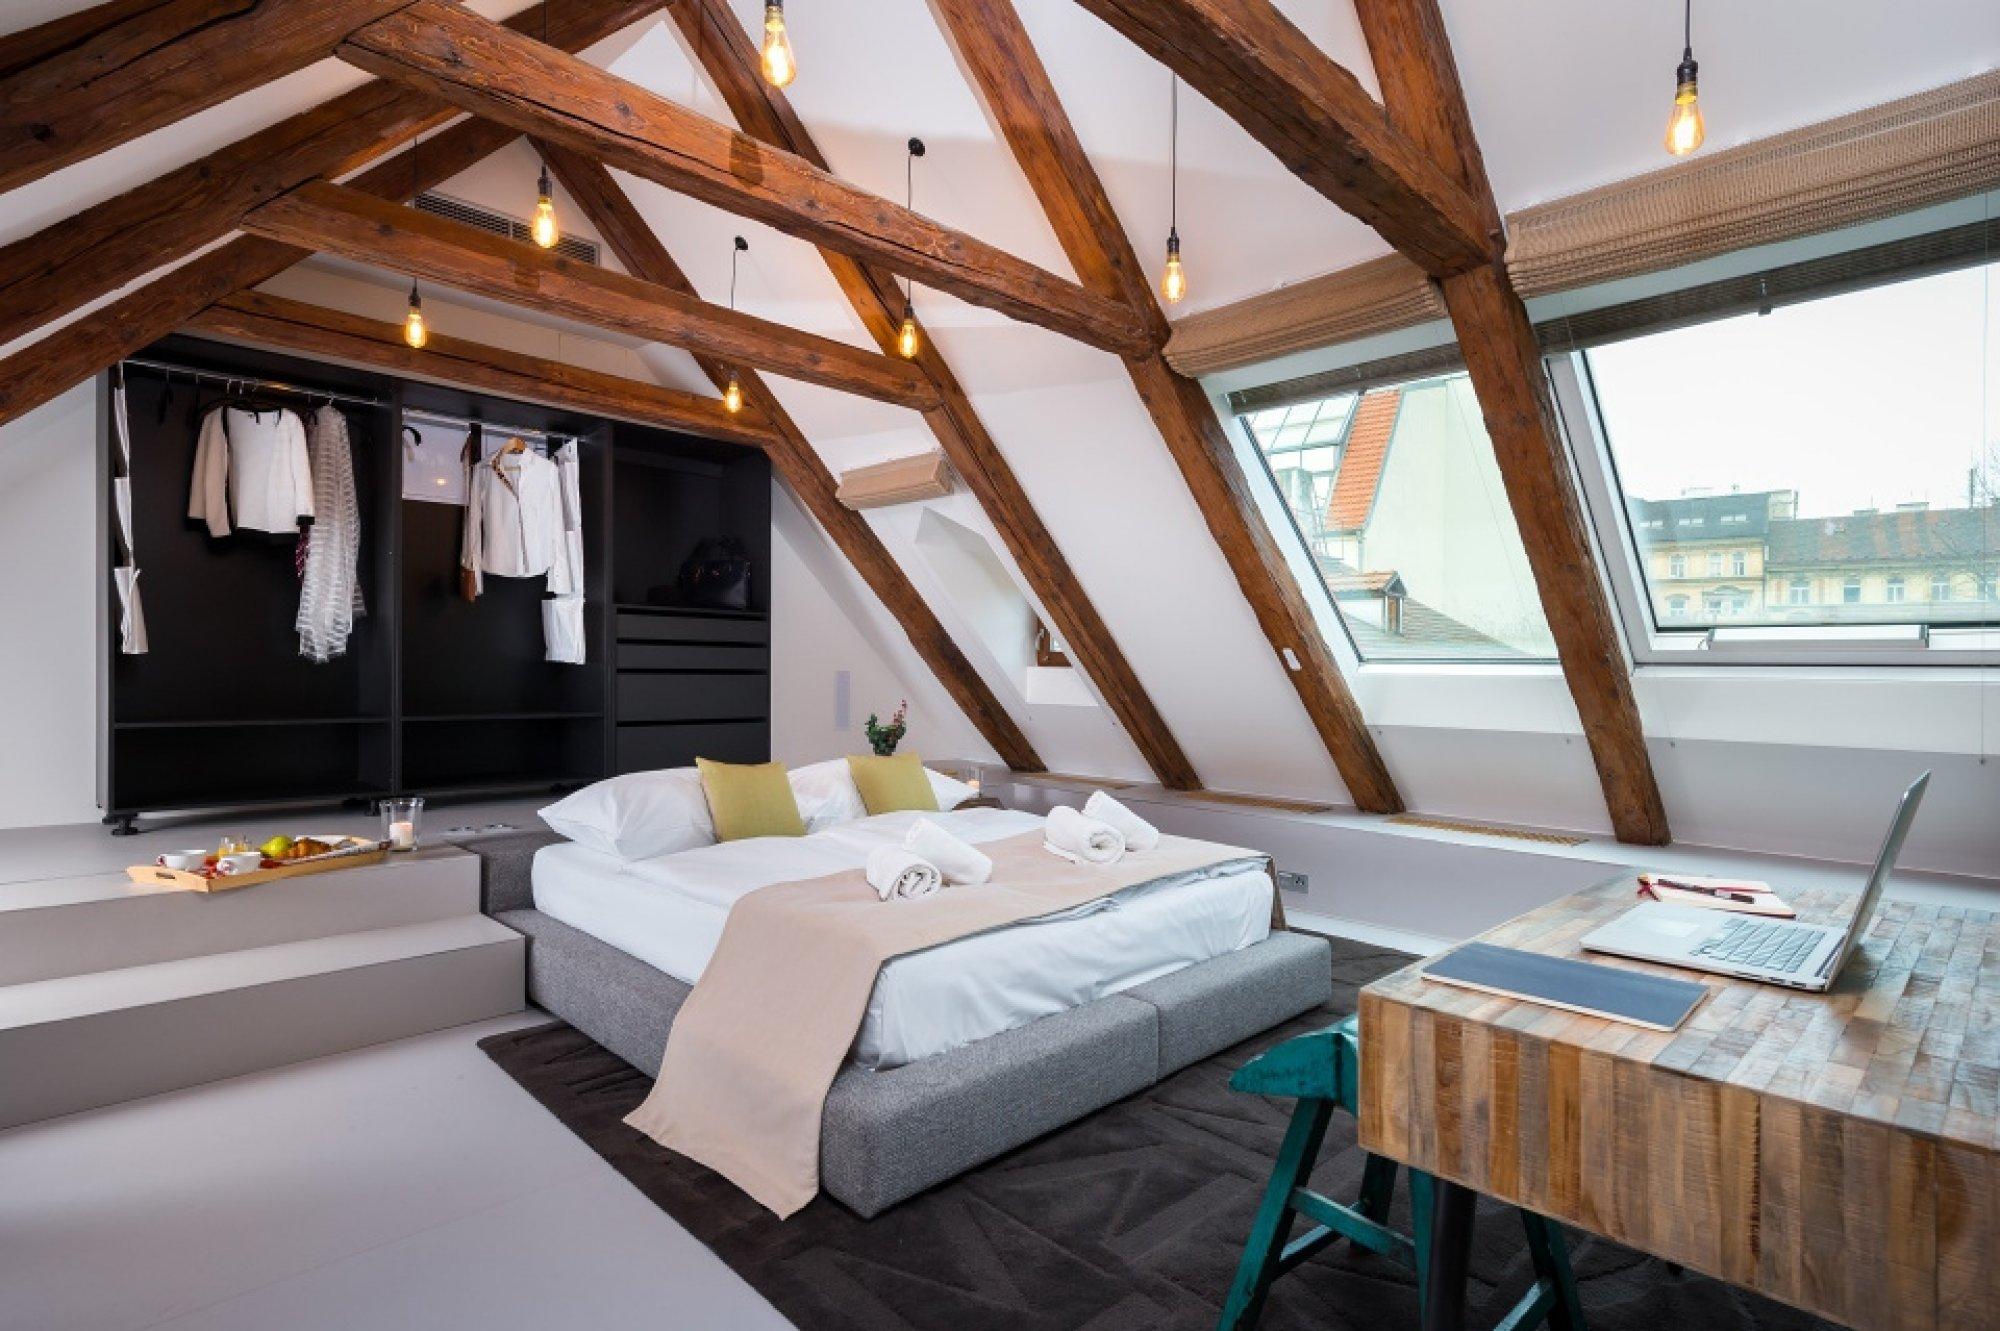 Půdní byt 4+kk, plocha 199 m², ulice V Jirchářích, Praha 1 - Nové Město | 3